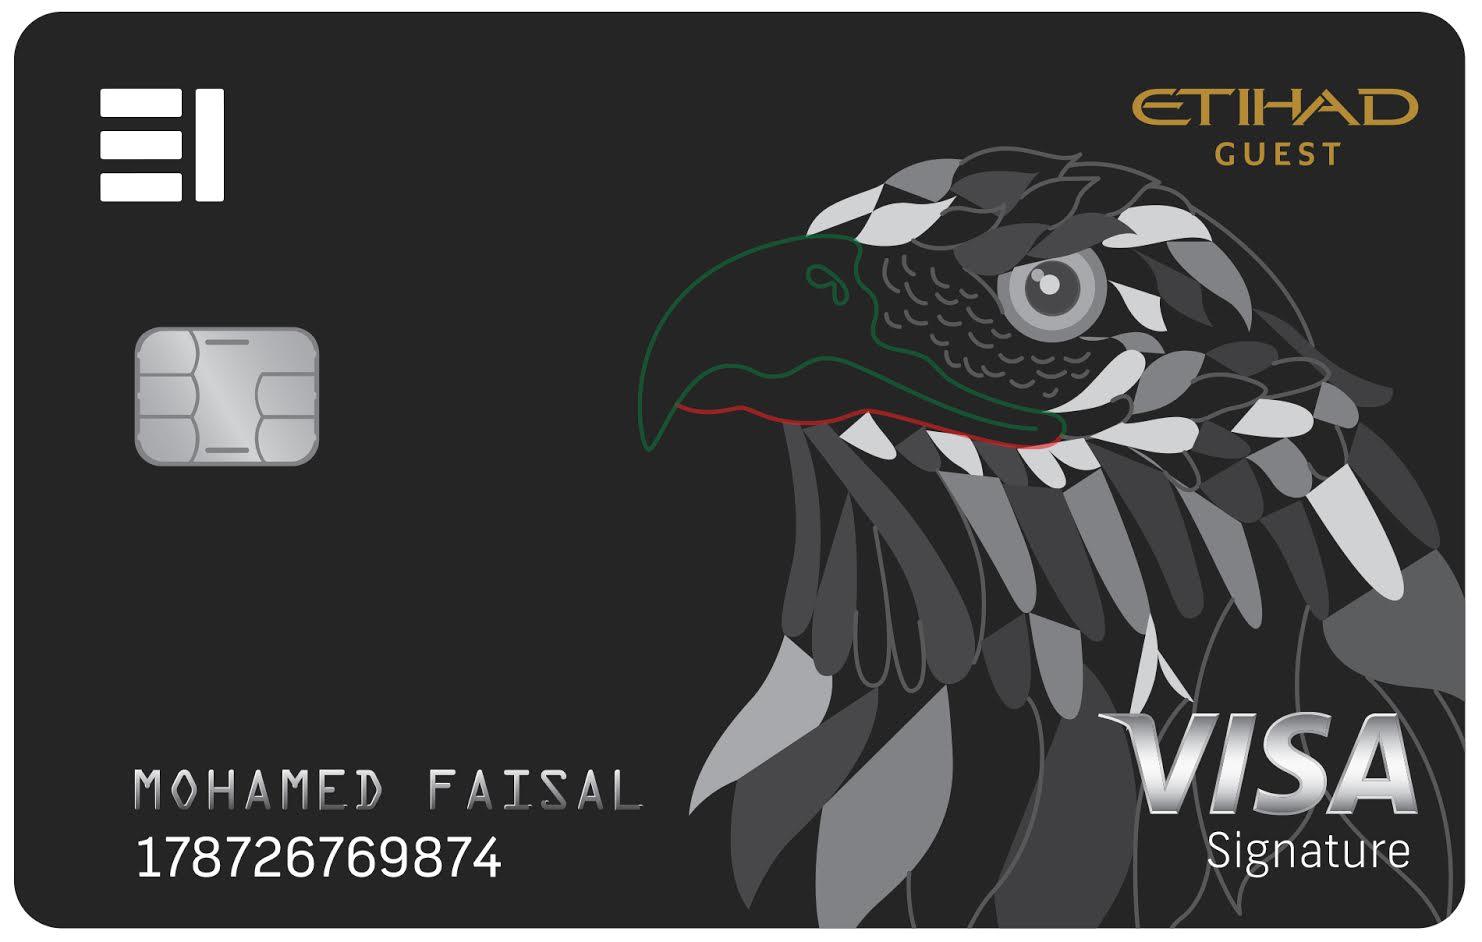 Etihad Guest Saqer Credit Card